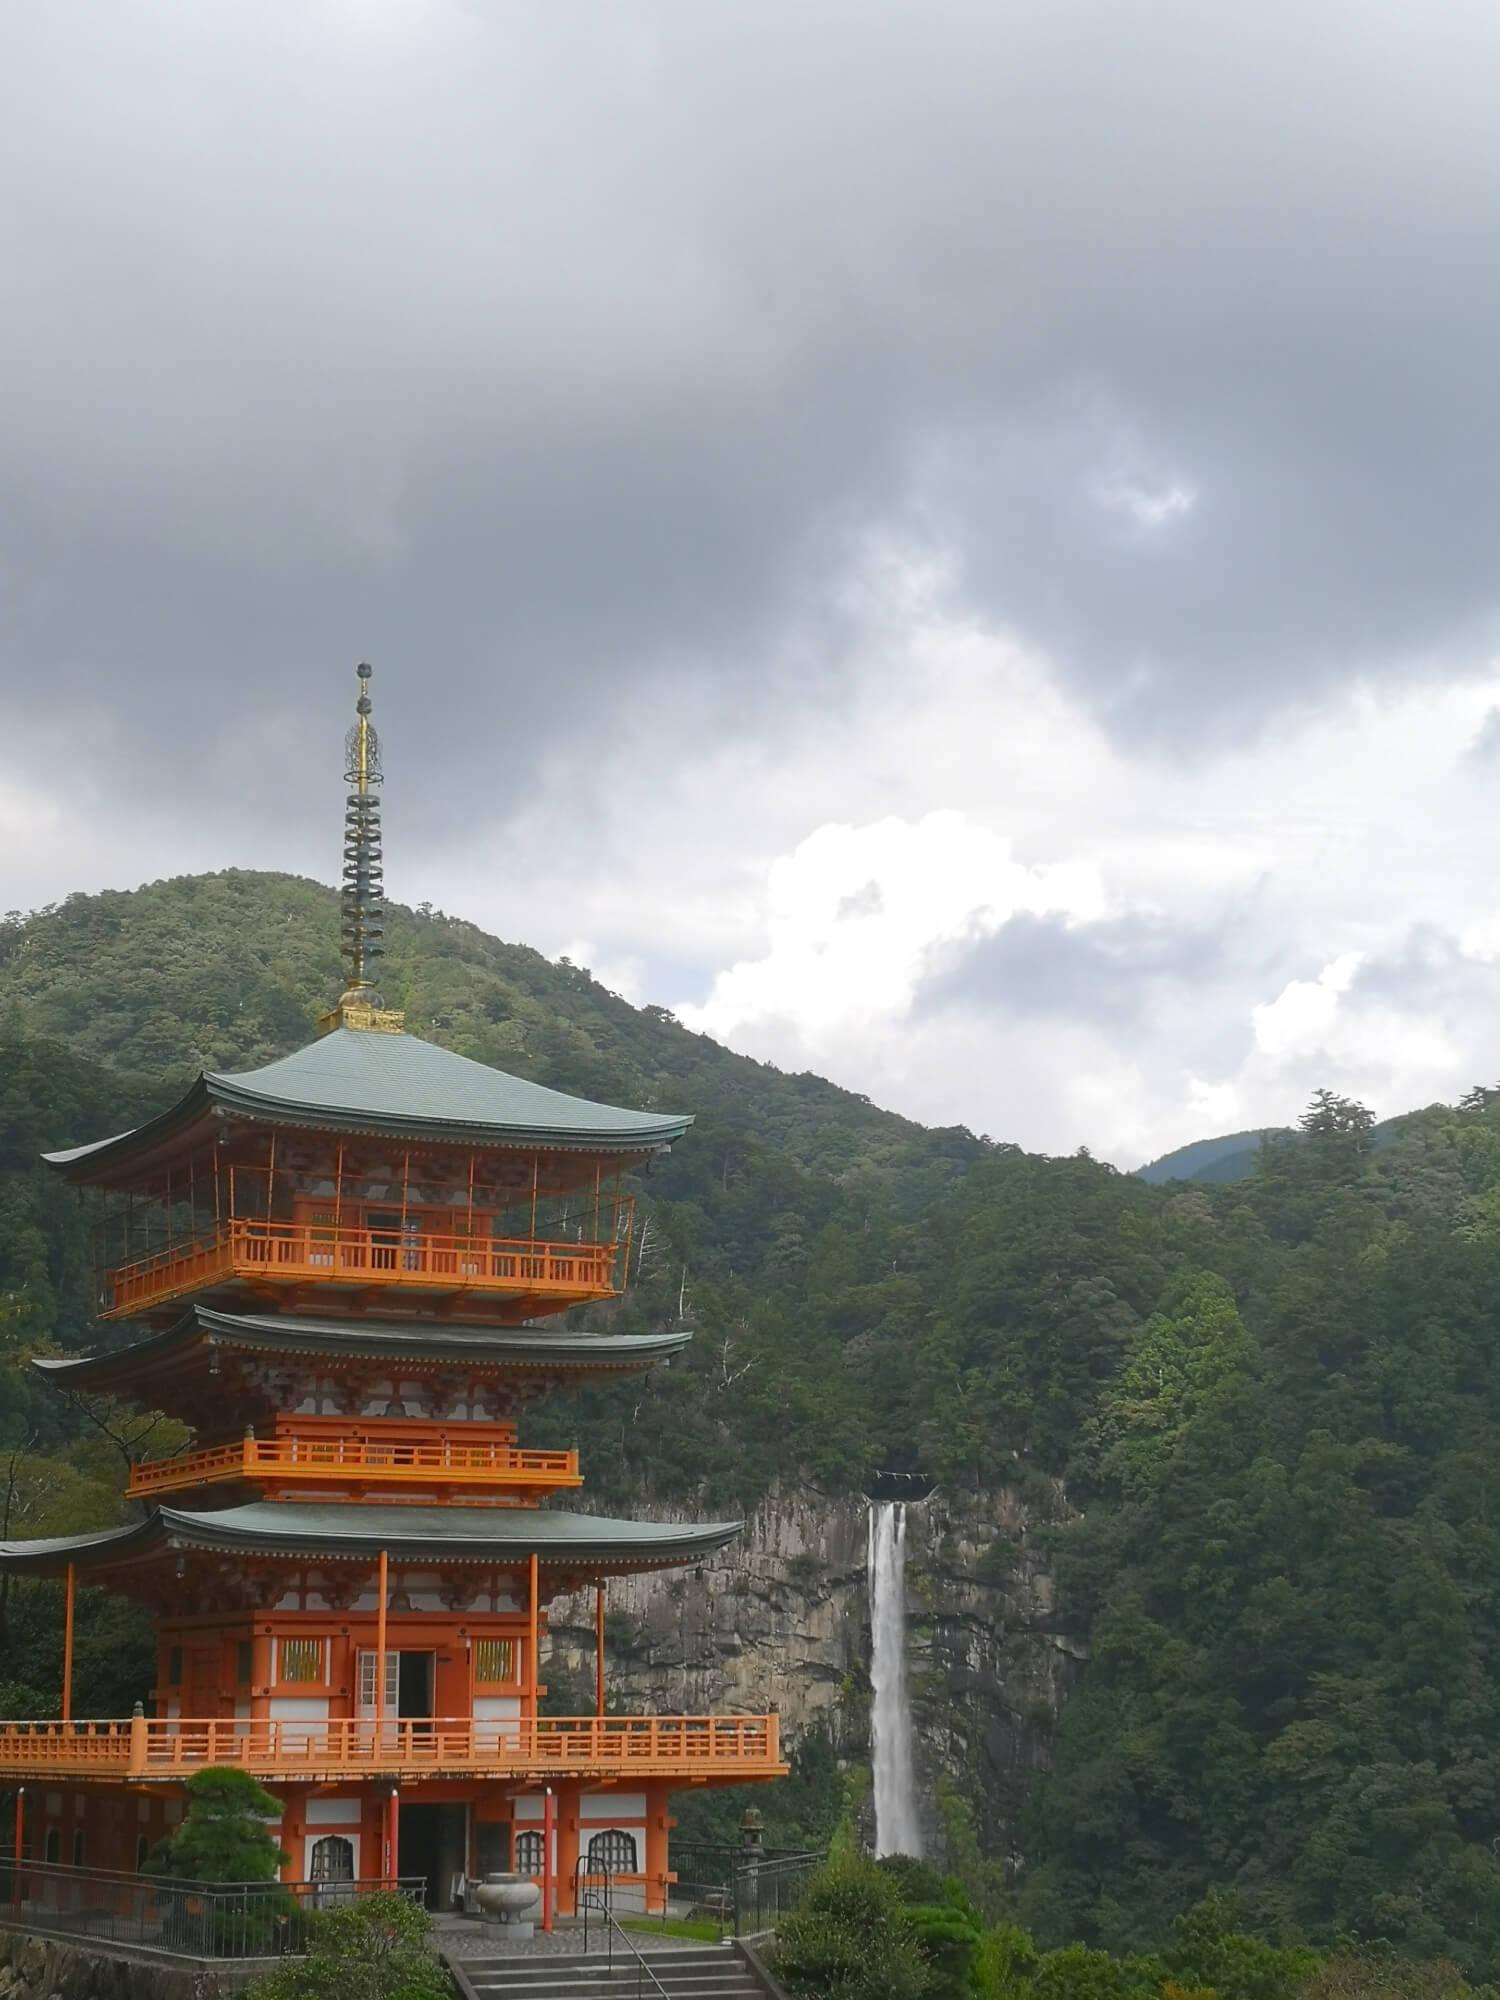 viaggiare-zaino-in-spalla-pagoda-kumano-kodo-nachi-taisha-giappone